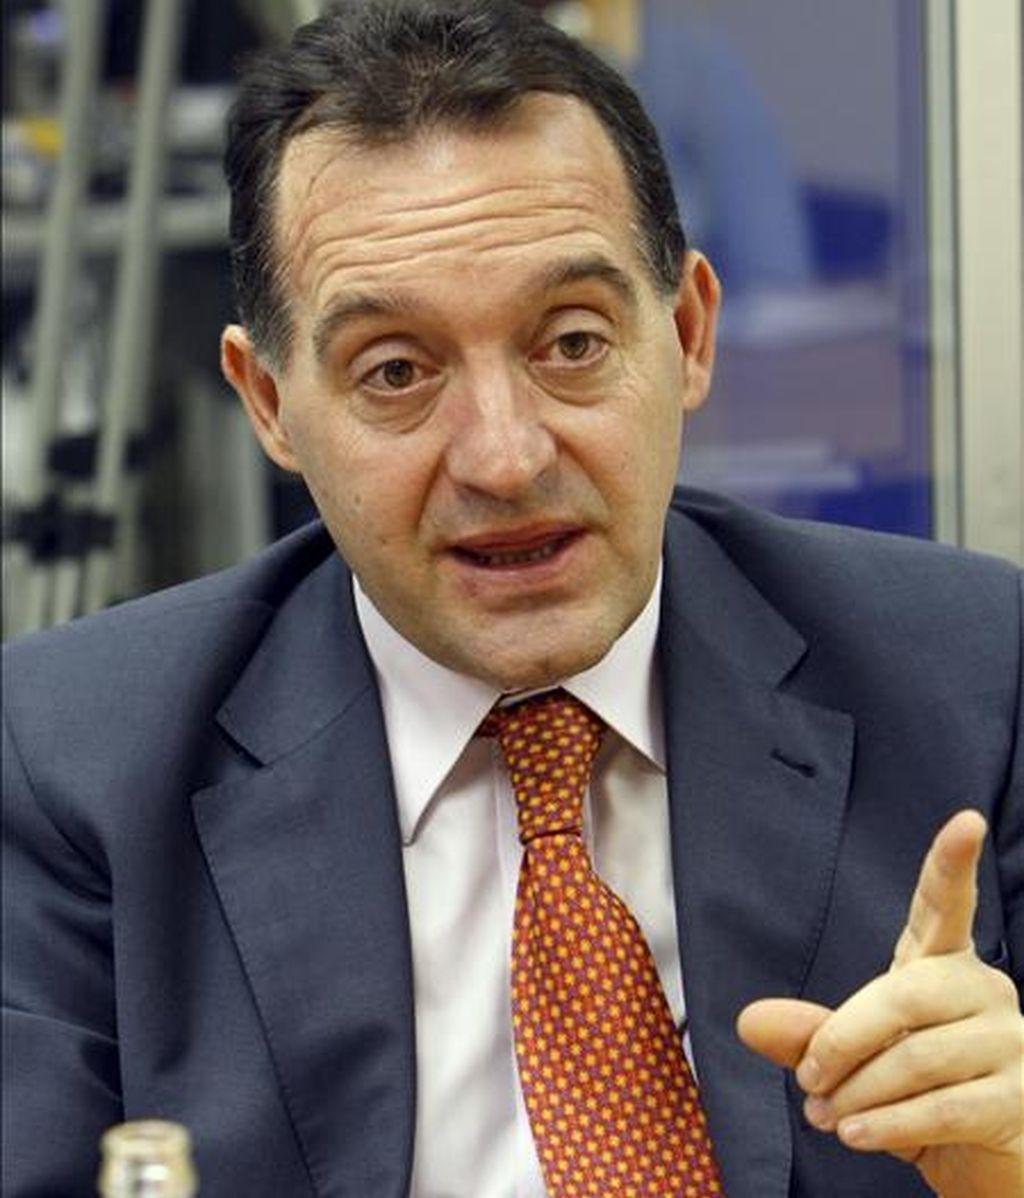 El director de la Agencia Española de Protección de Datos (AEPD), Artemi Rallo. EFE/Archivo